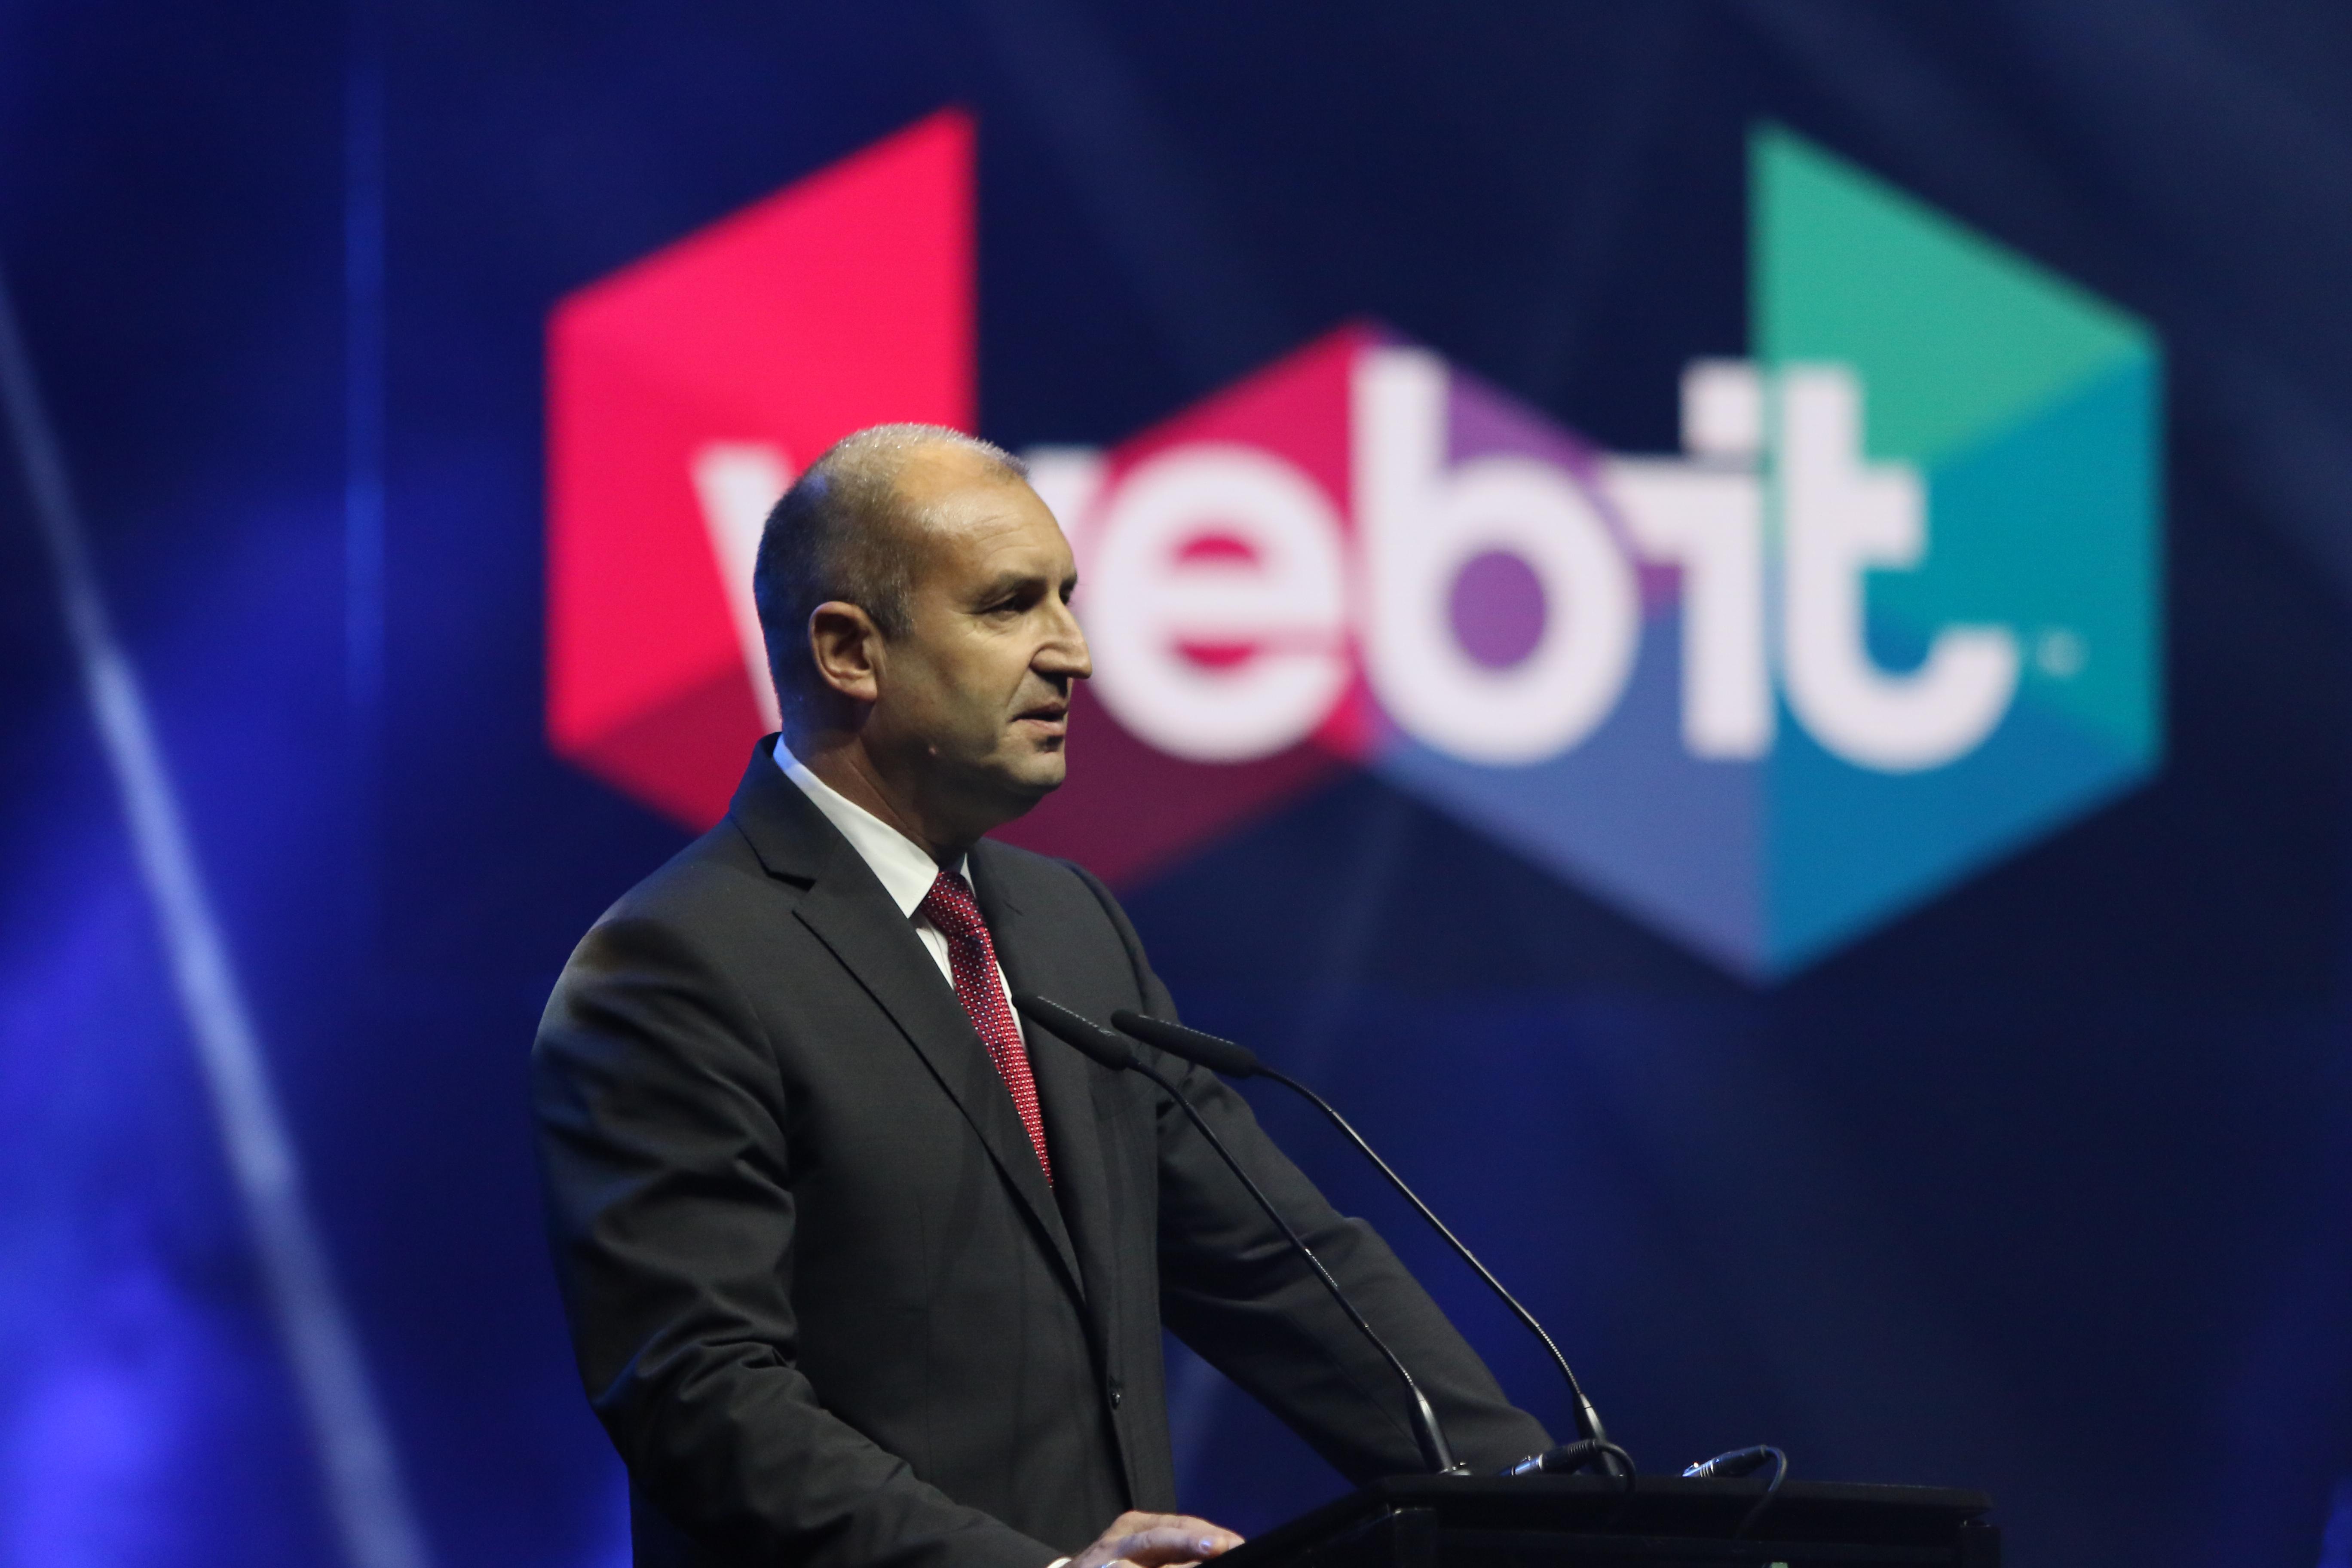 В официалното откриване на Webit. Festival взеха участие президентът на България Румен Радев, кметът на София Йорданка Фандъкова и еврокомисарят по цифрова икономика и общество Мария Габриел.